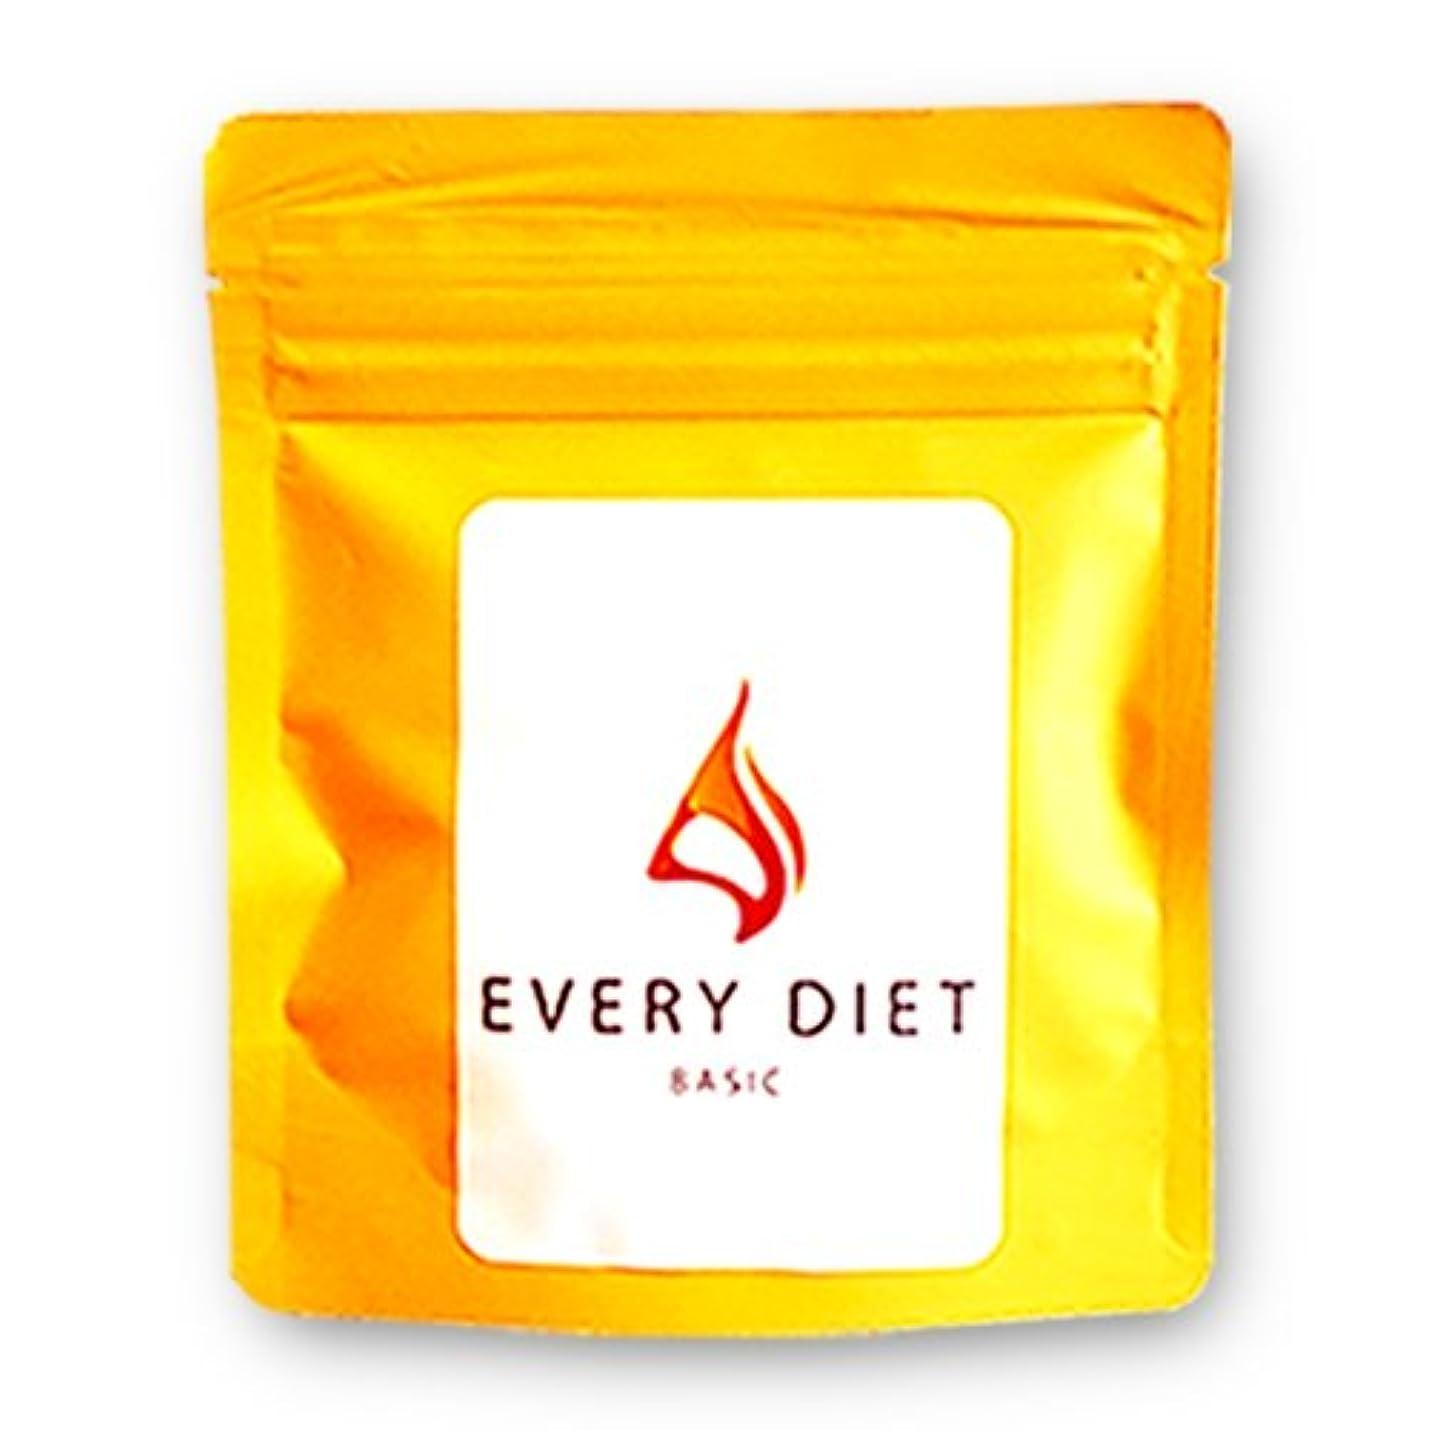 人物千ペルセウスエブリダイエット ベーシック (Every Diet Basic)